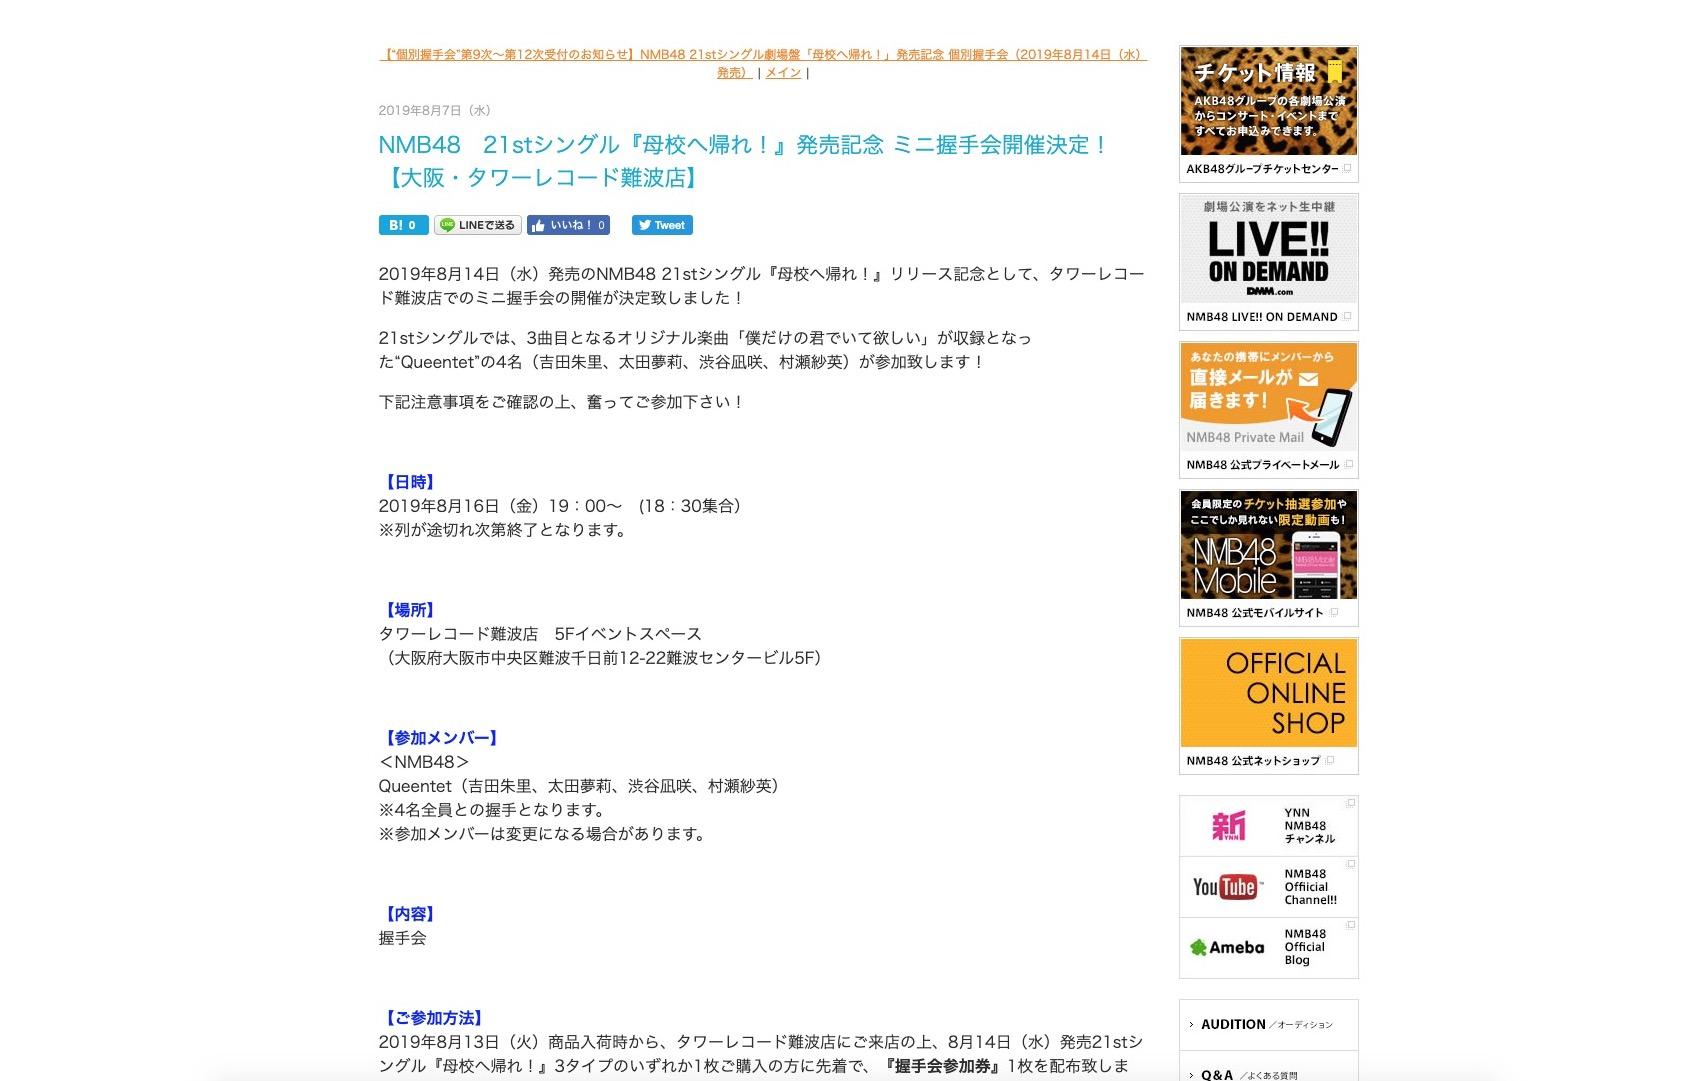 【NMB48】「母校へ帰れ!」発売記念・タワーレコード難波店で8/16にQueentet参加のミニ握手会が開催